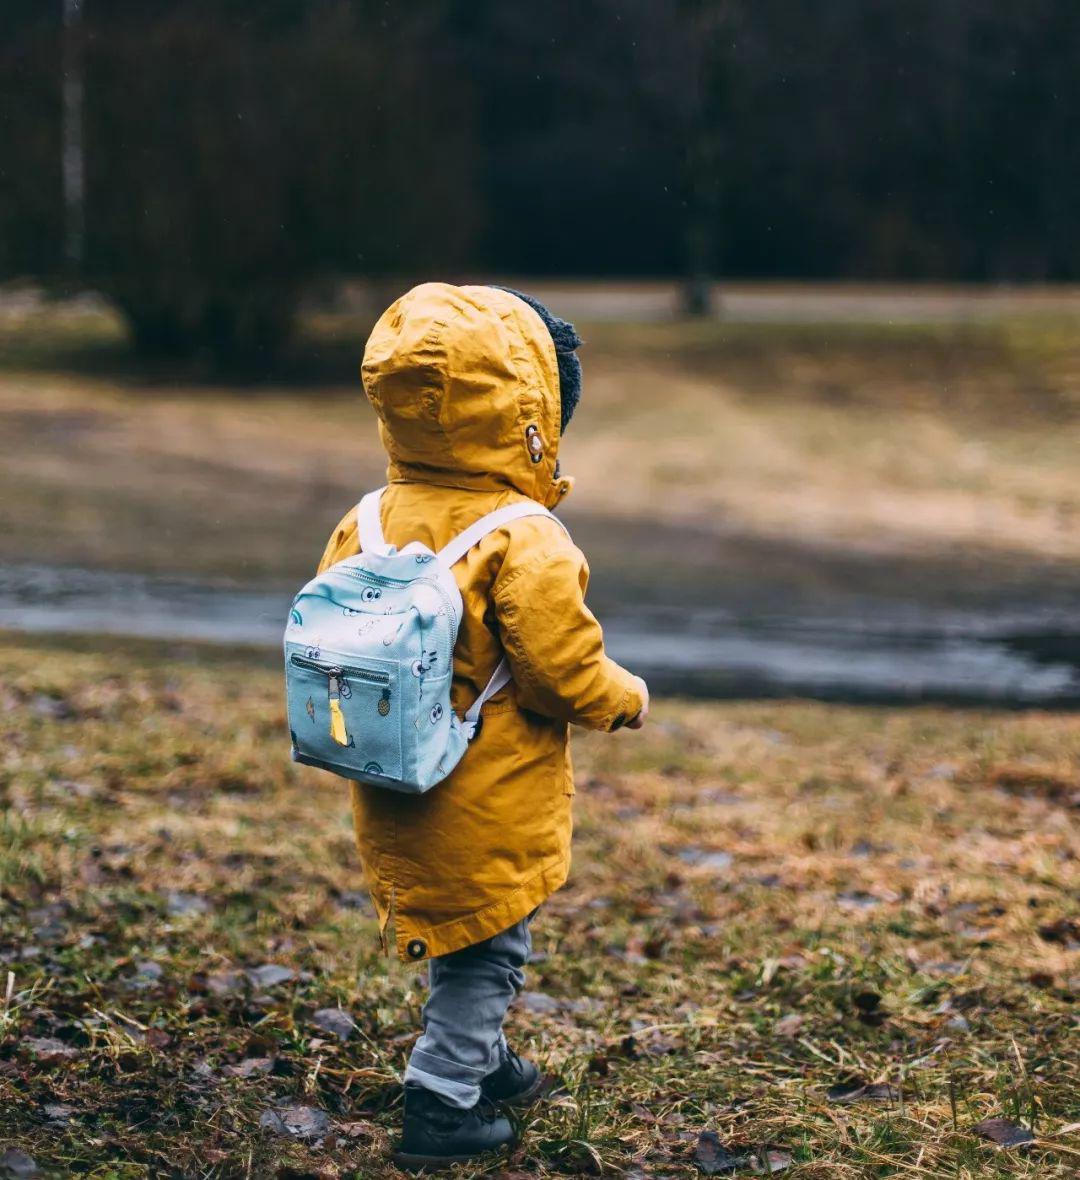 心穷的父母,为什么撑不起孩子的未来